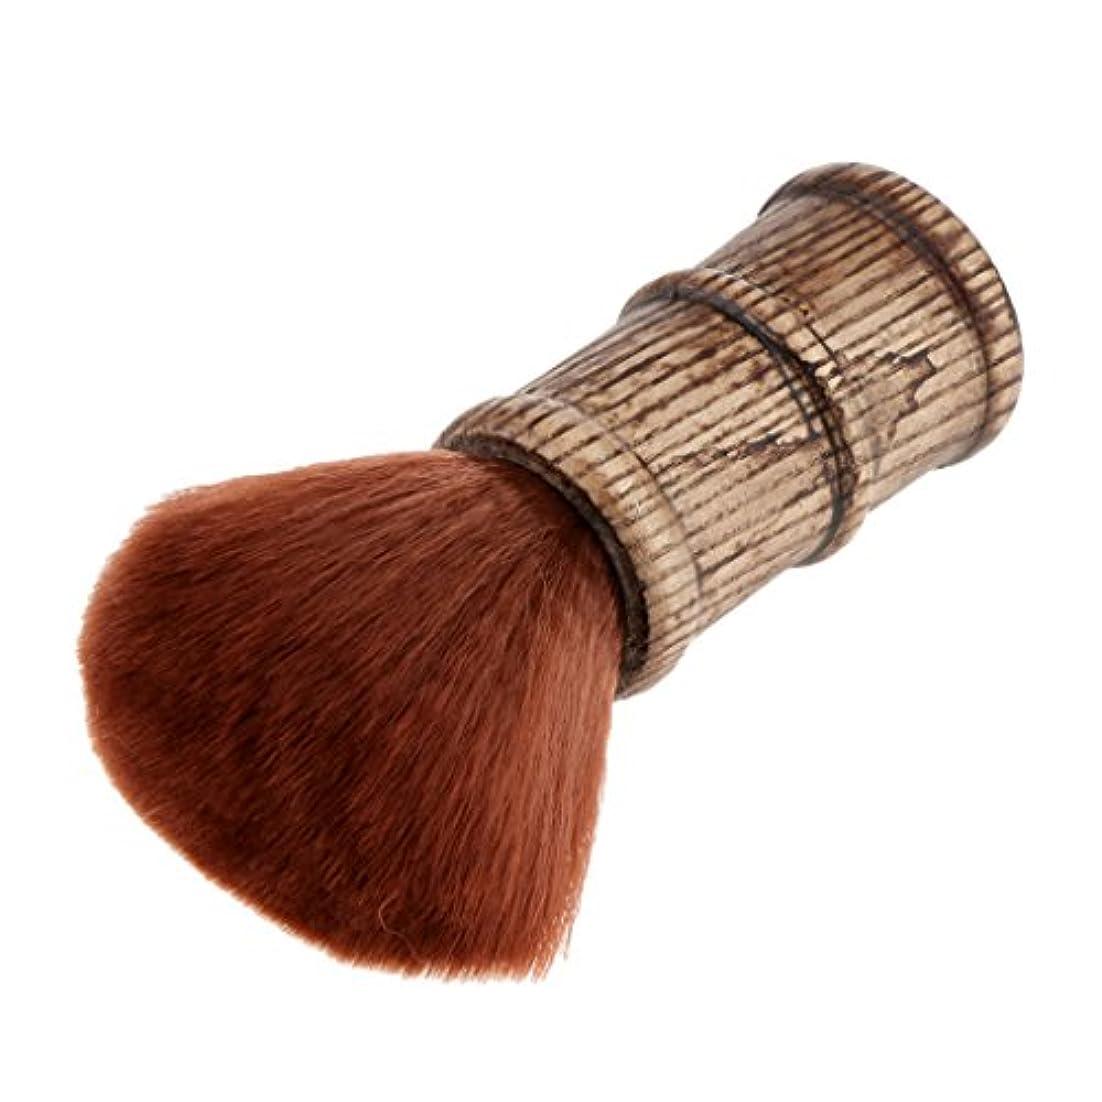 ボイラーブロックいうヘアカット ネックダスターブラシ メイクアップブラシ フェイスブラシ クリーニングブラシ2色選べる - 褐色